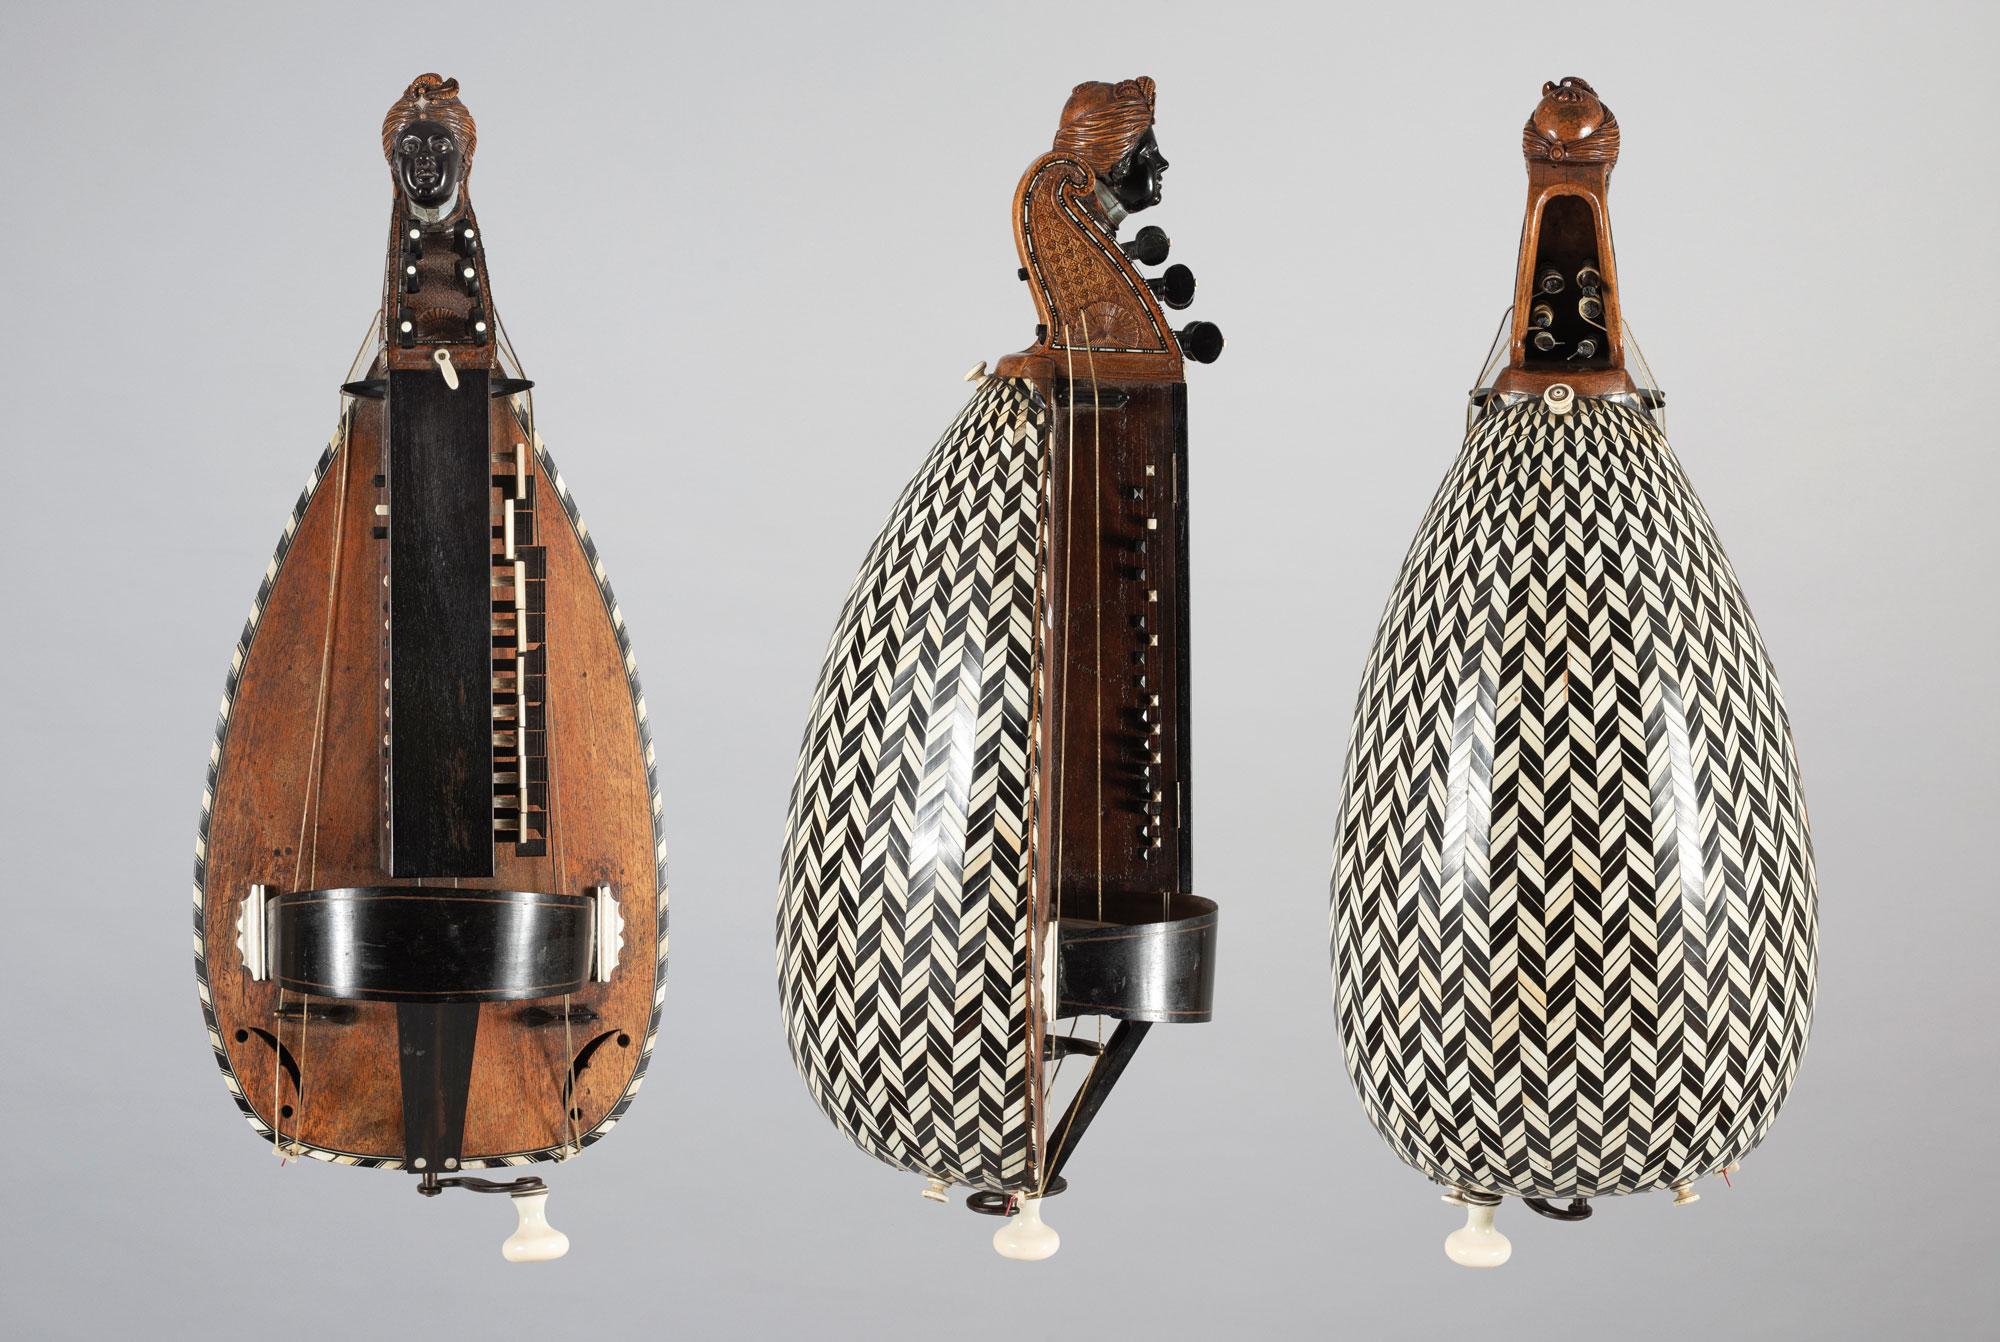 Vielle à roue par OUVRARD